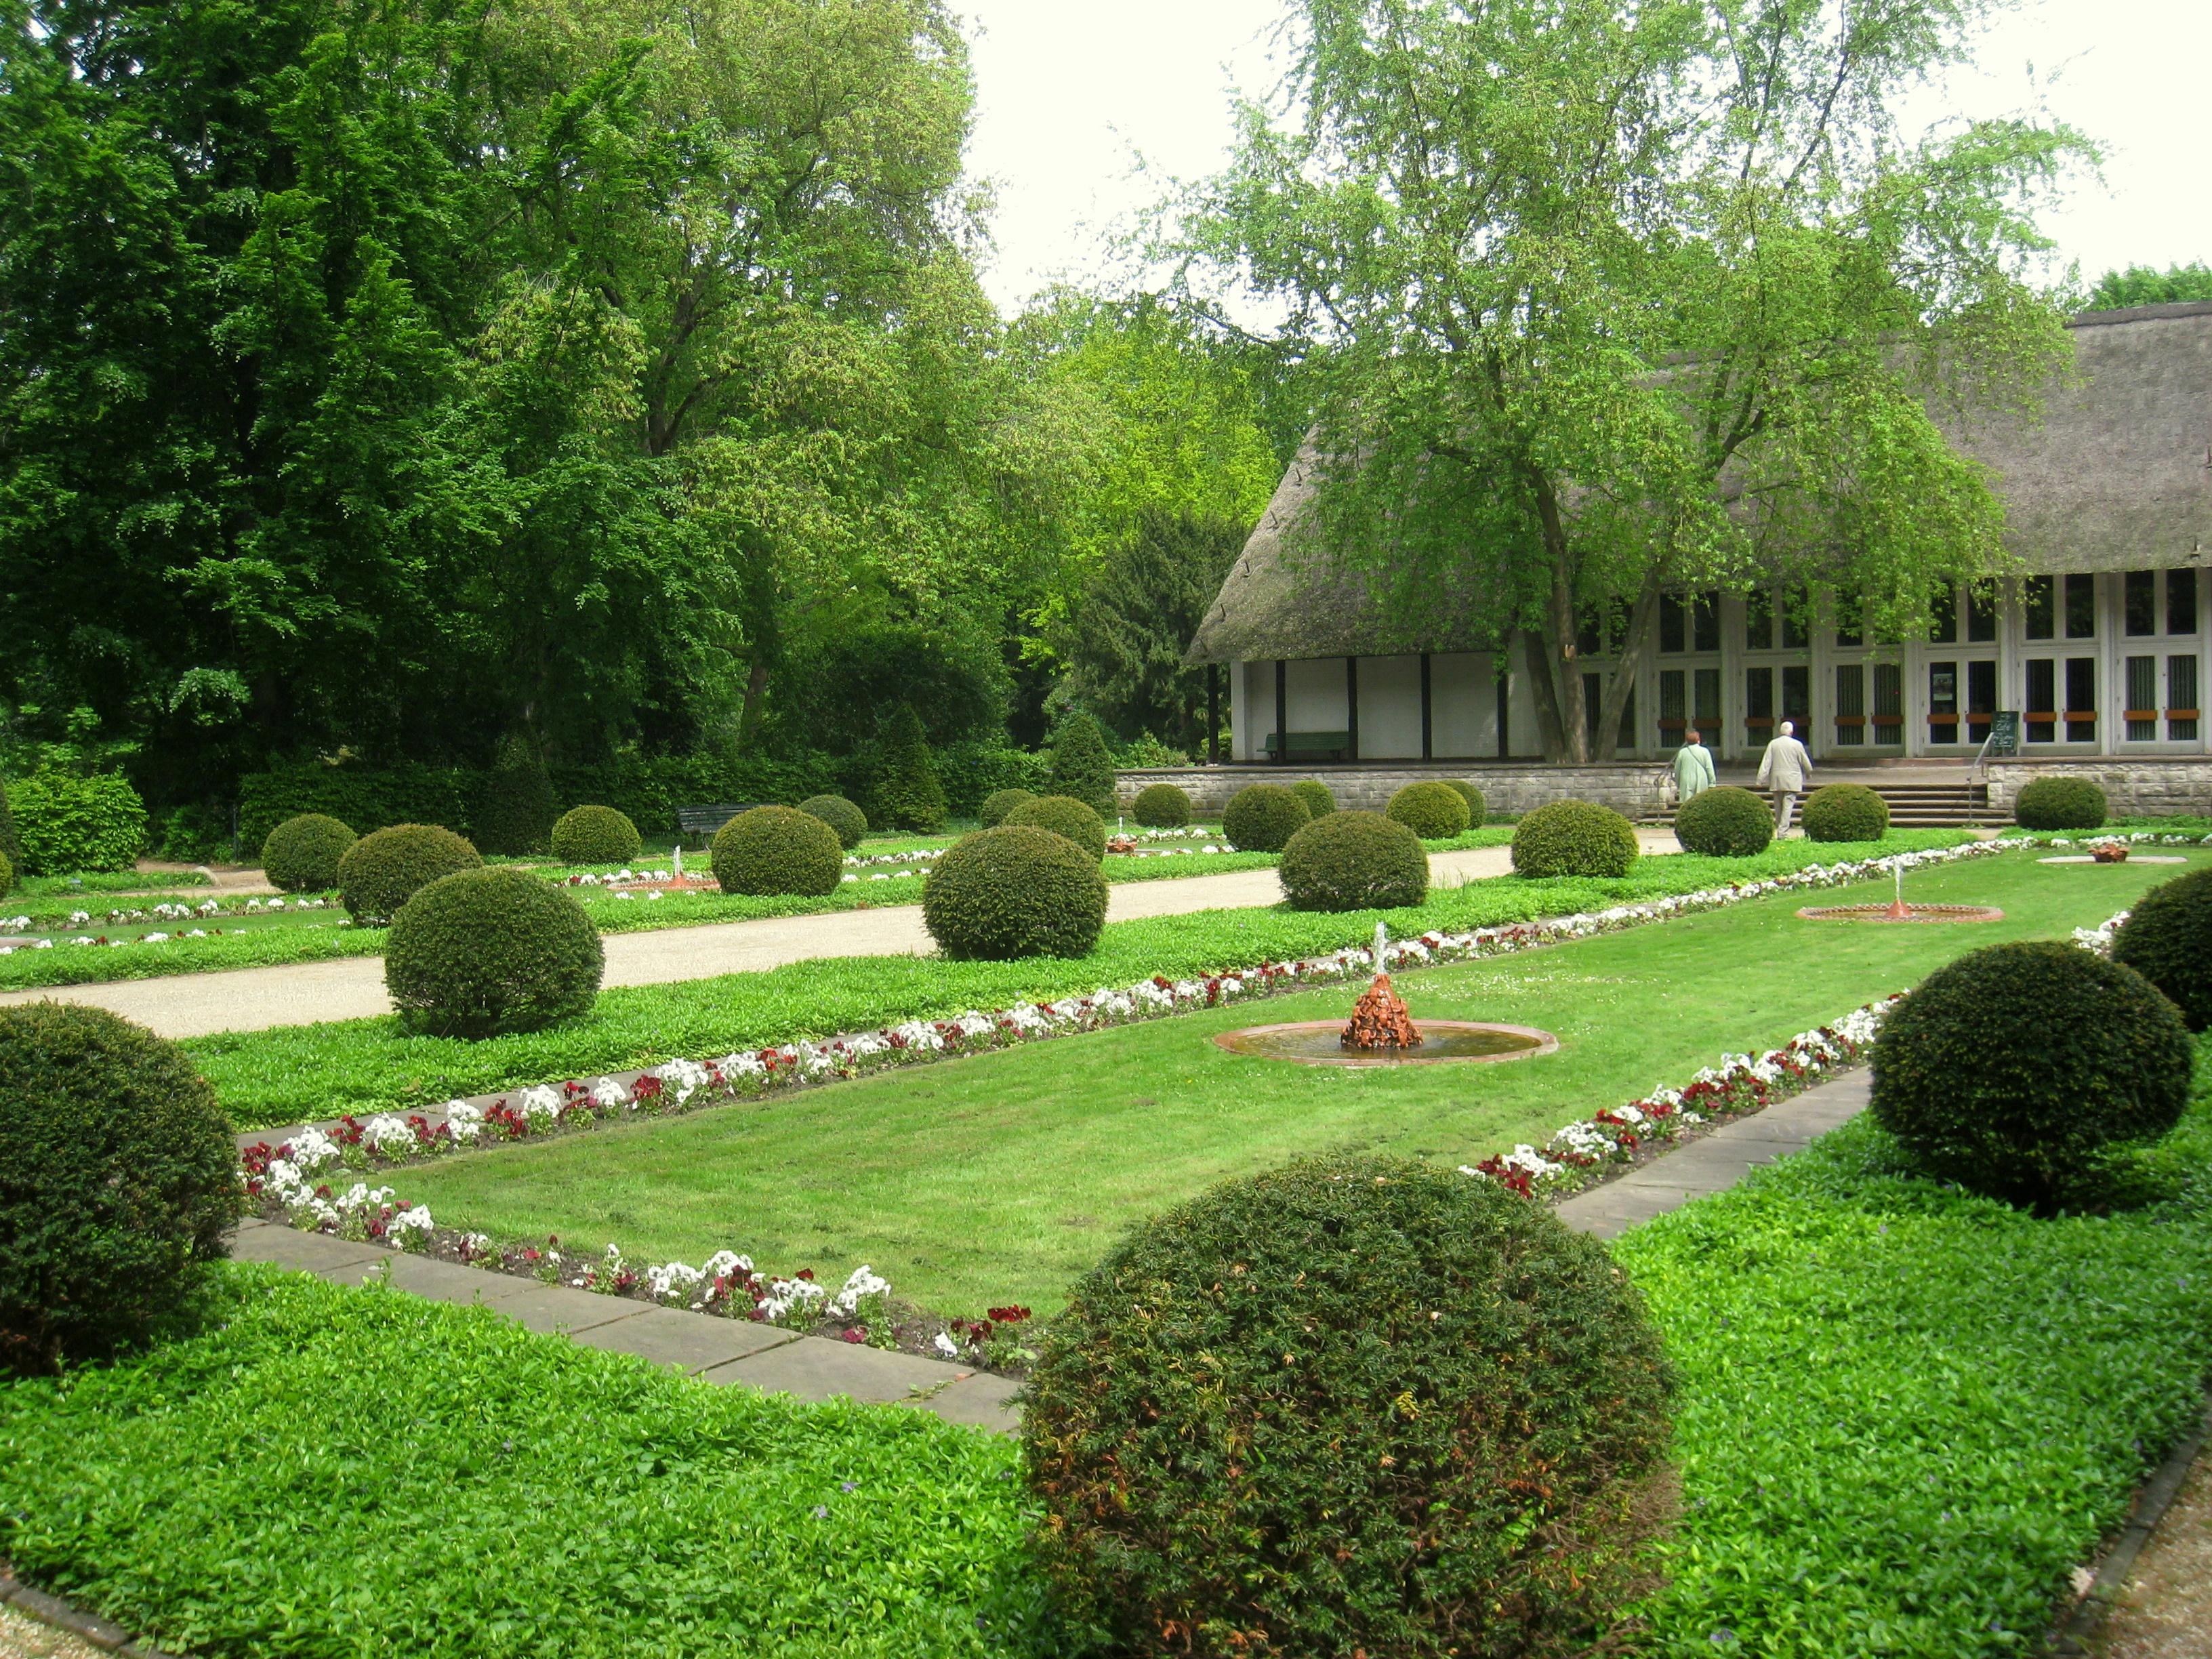 Garten. Rosen U Garten Messe Kronach Rosen U Garten Messe Kronach With Garten. Simple Gartenhaus ...